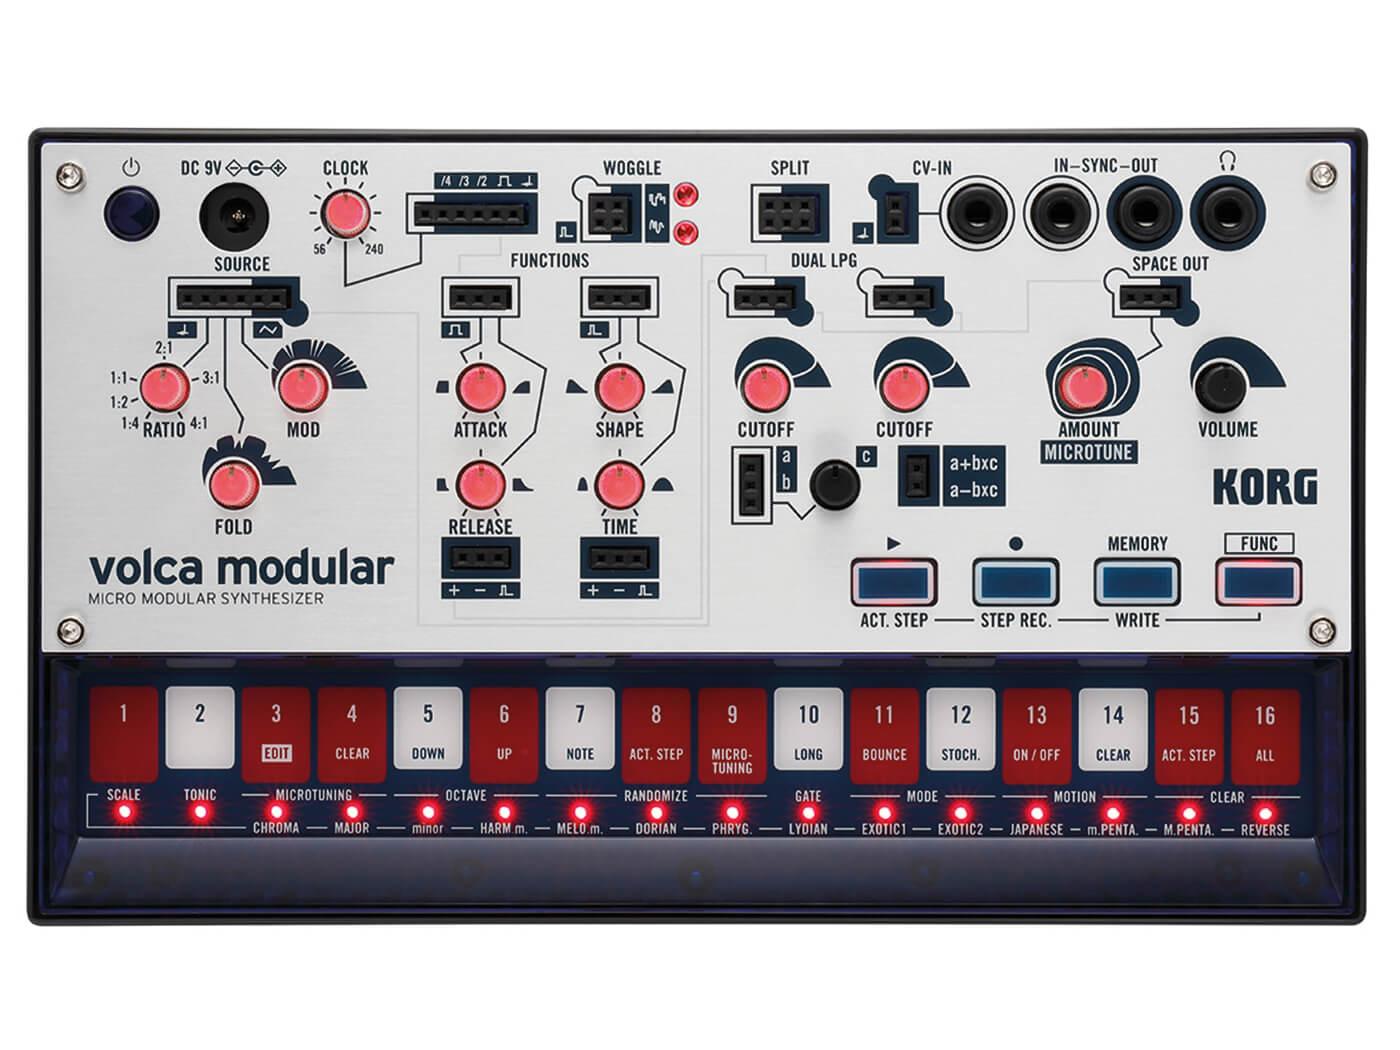 korg volca modular